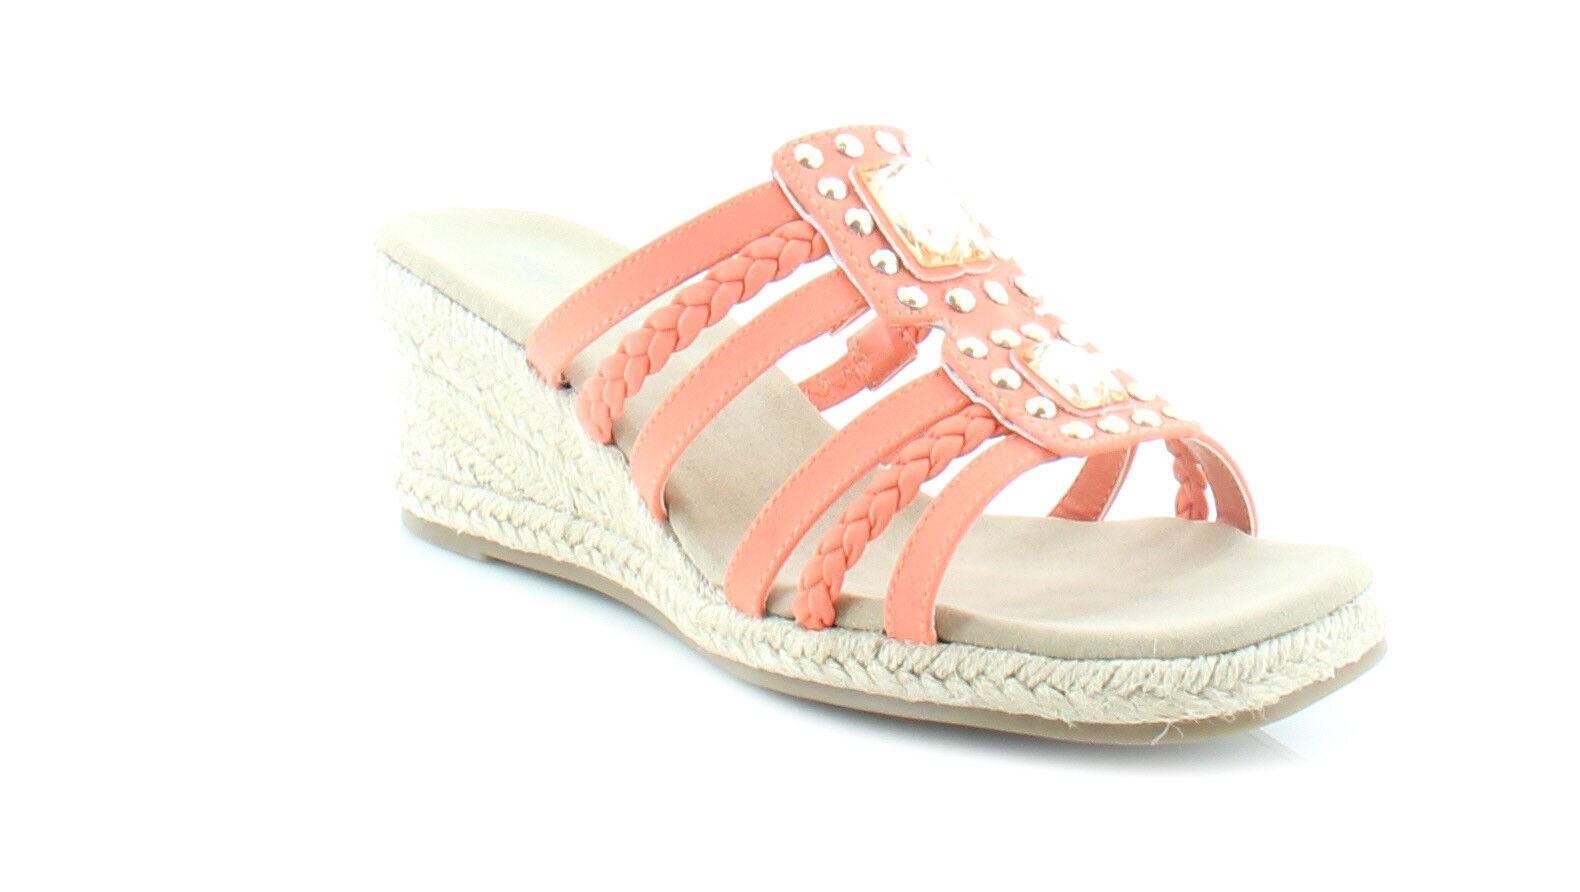 Vince Camuto New Rhiannon Orange Womens Sandals Shoes Size 7.5 M Sandals Womens MSRP $179 0de0aa